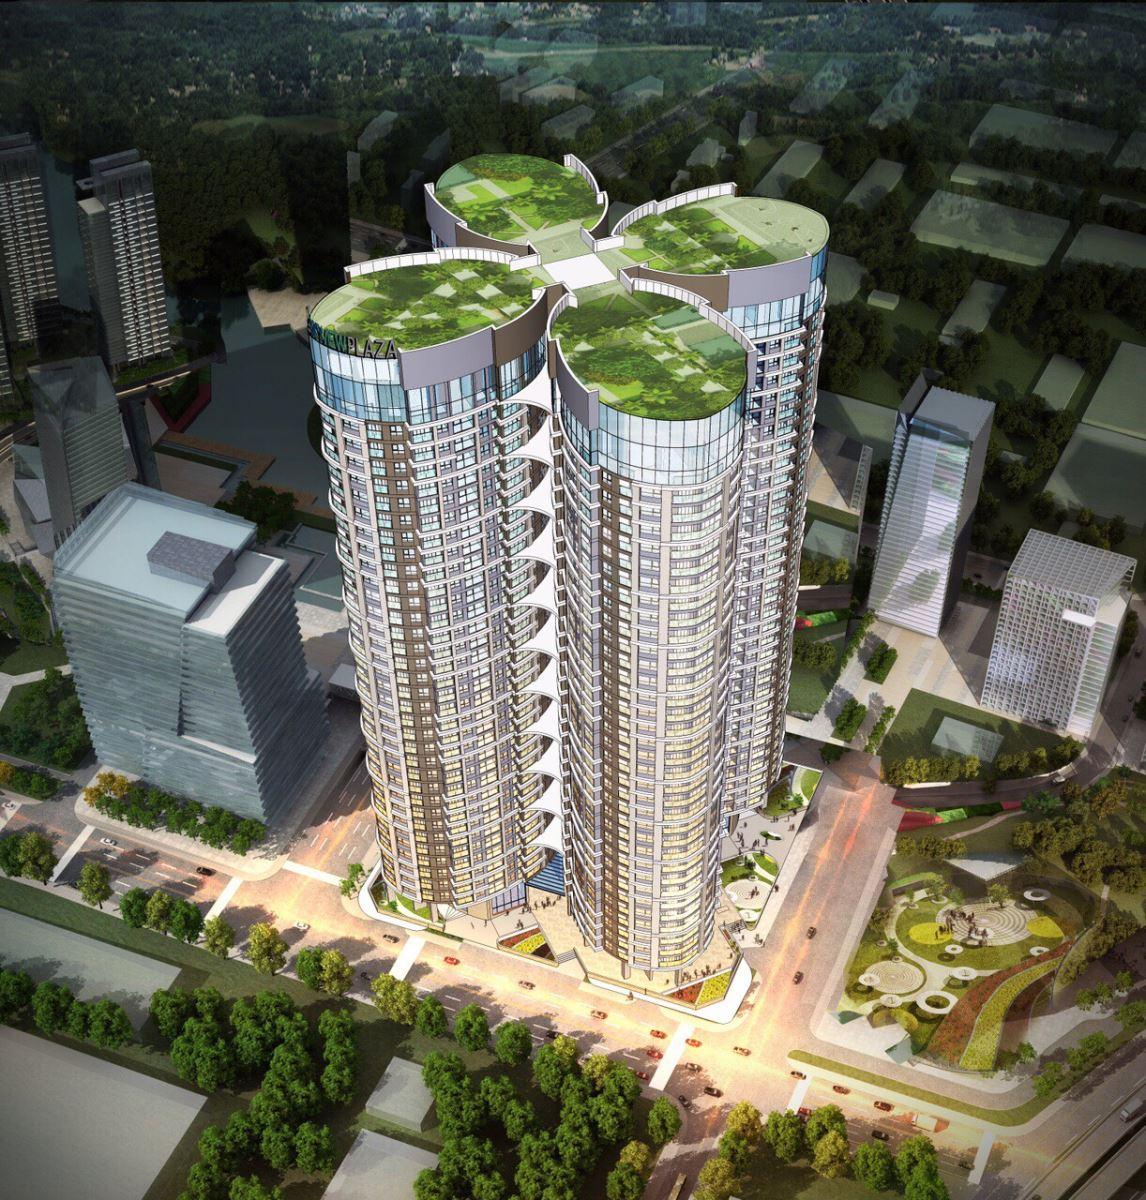 phoi-canh-sky-tower-360-giai-phong